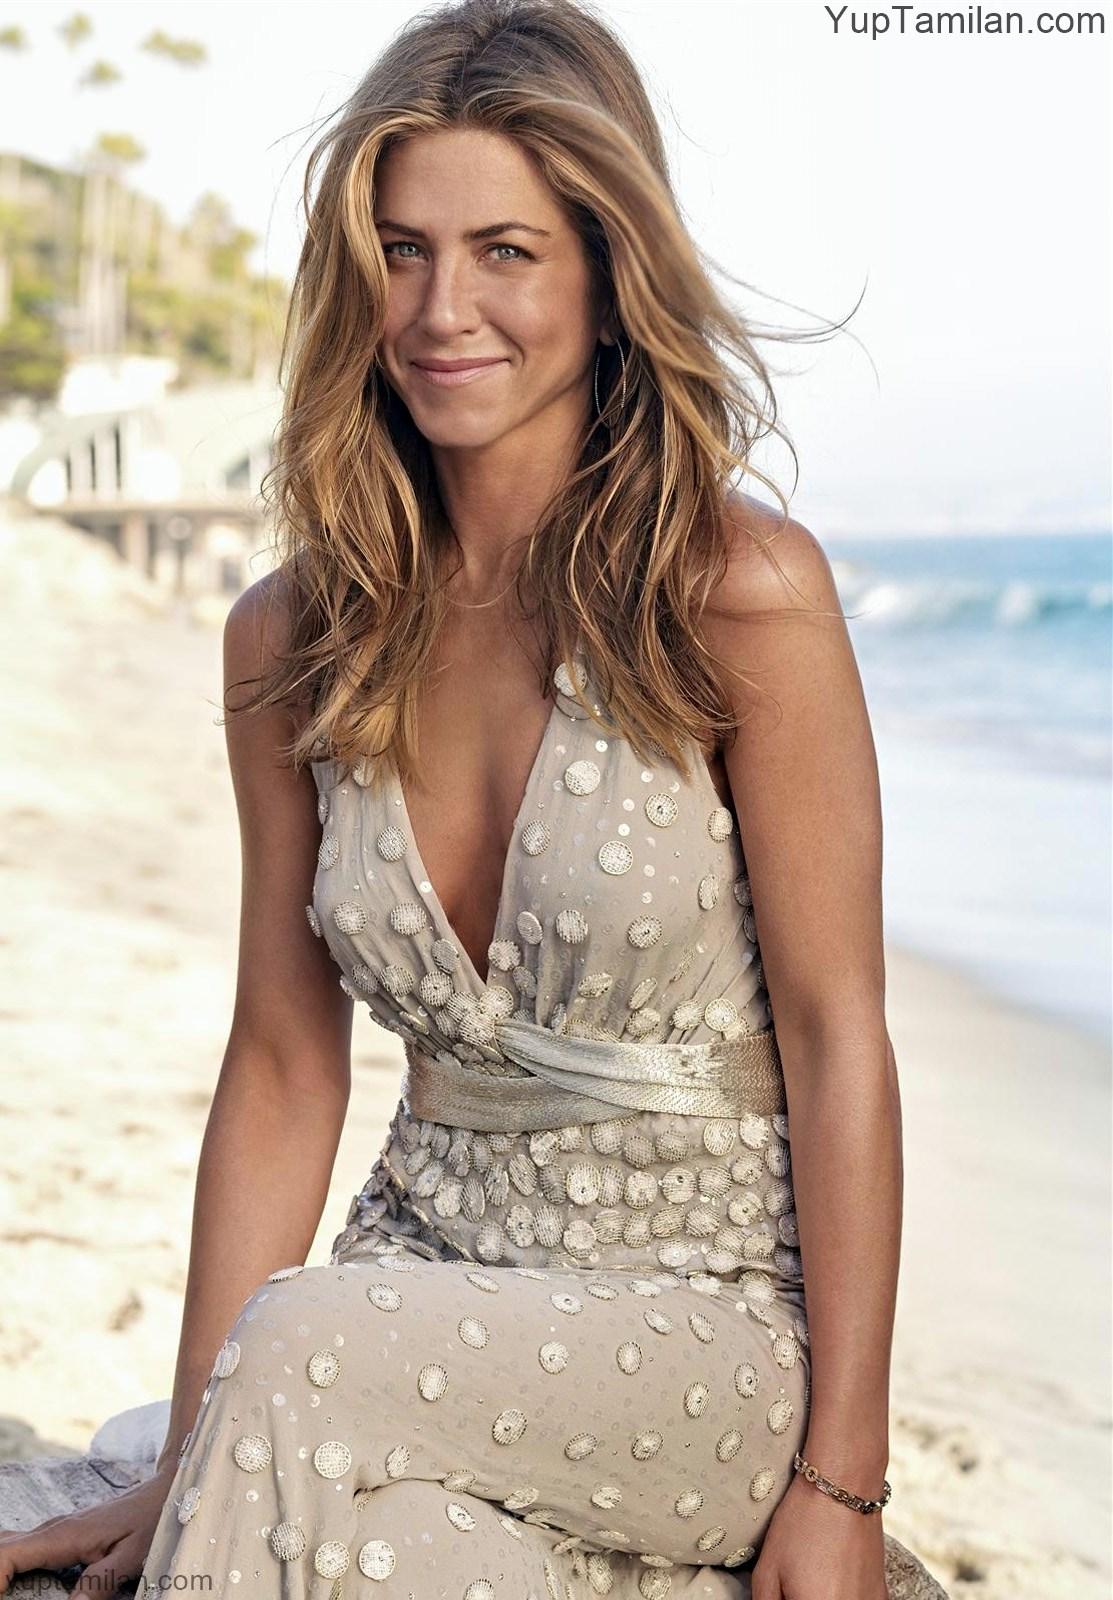 Jennifer-Aniston Sexy-Bikini-Pictures-Hot-HD-Photoshoot